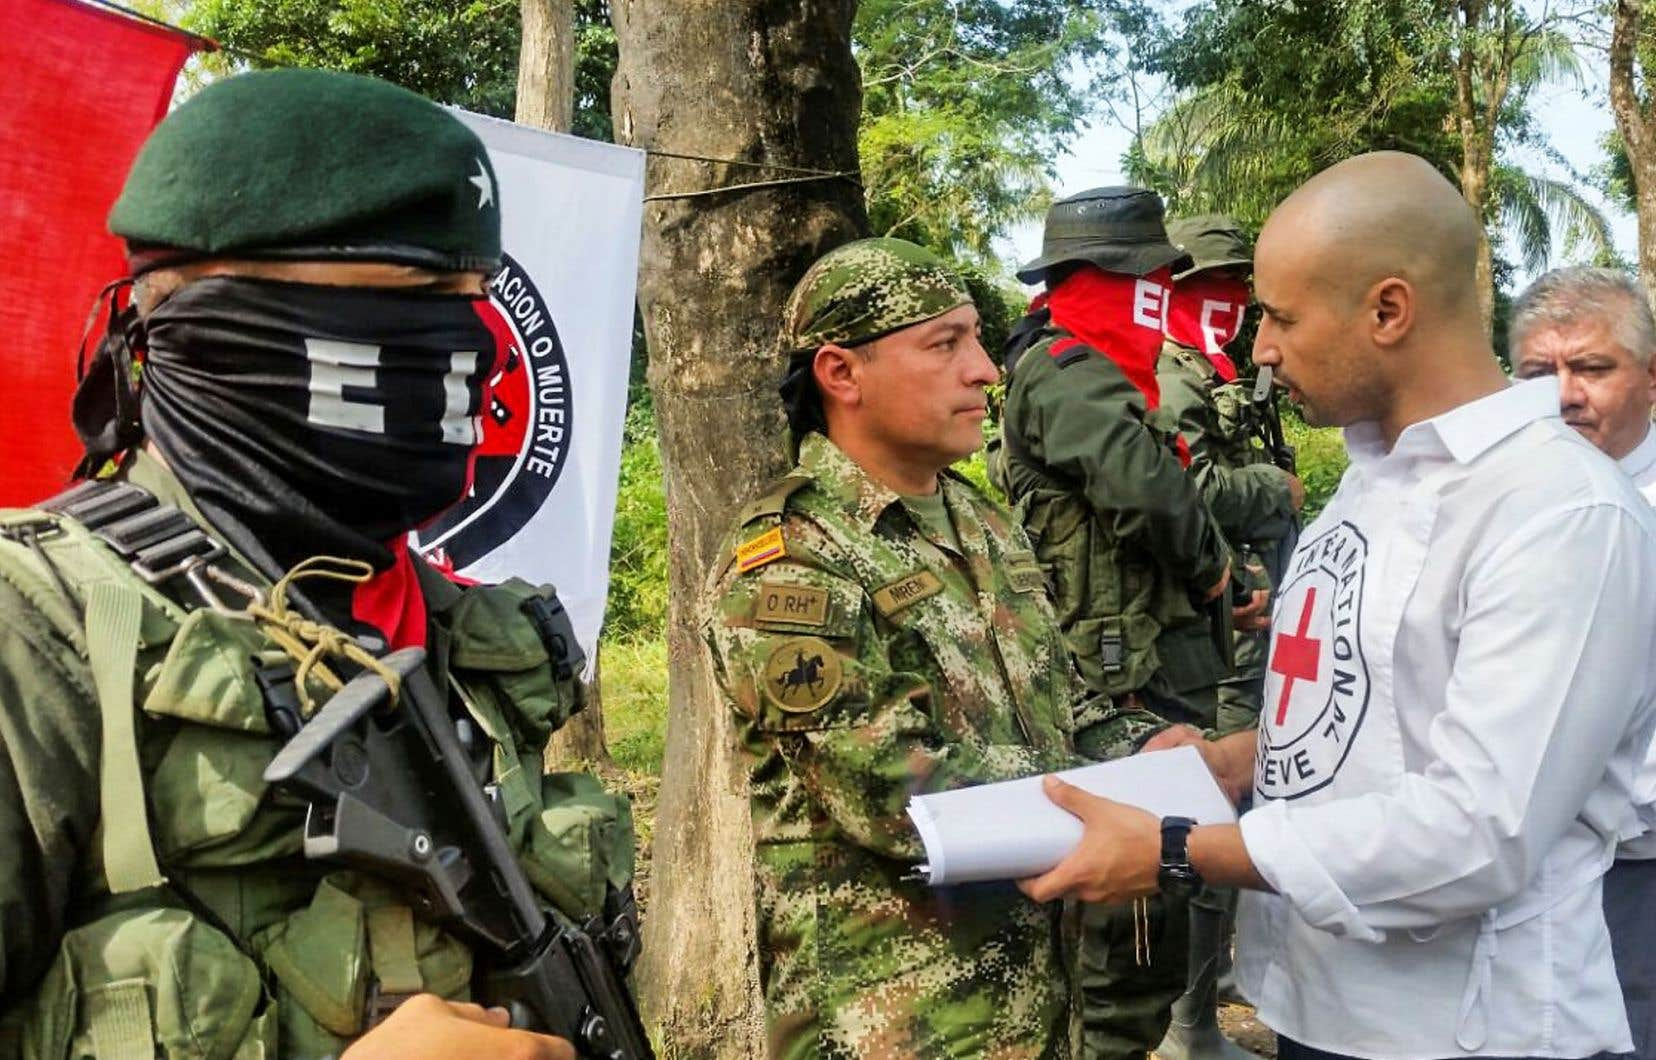 Enlevé par l'ELN, Fredy Moreno Mahecha a finalement été remis lundi à une délégation composée notamment de membres du Comité international de la Croix-Rouge (CICR) et de l'Église catholique.